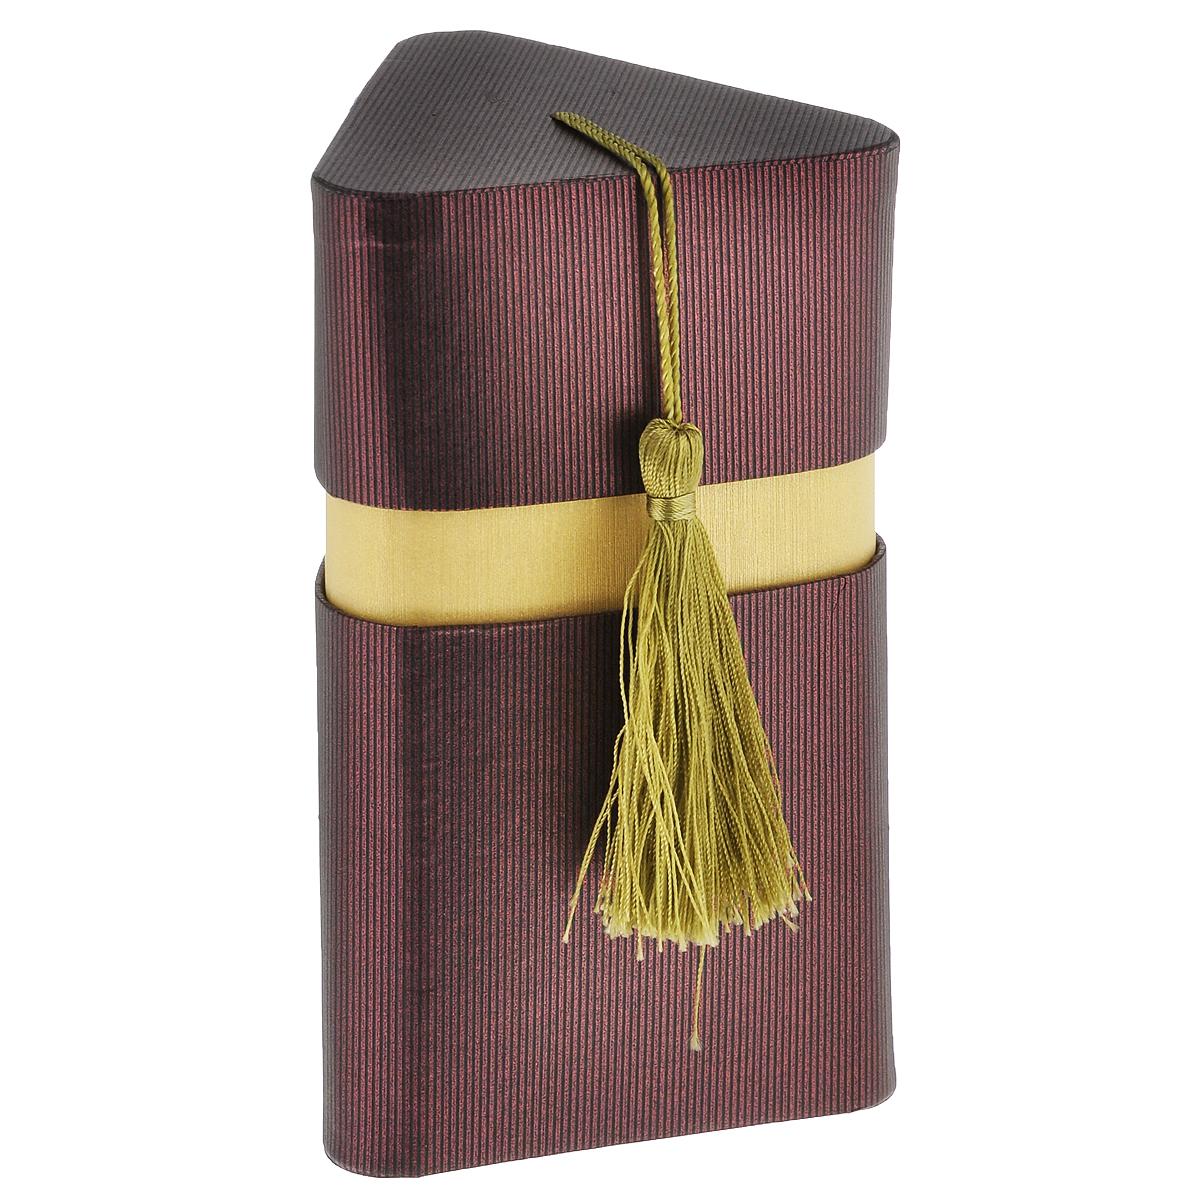 Коробка подарочная Правила Успеха Три грани, 10 х 9 х 16 см4610009210506Подарочная коробка Три грани изготовлена из плотного картона, изделие имеет необычную форму, крышка декорирована текстильной кисточкой. Прекрасно подходит в качестве подарочной упаковки для мелких предметов. Красивый дизайн привлекает внимание, кроме того, он универсальный, поэтому коробка подойдет в качестве подарочной упаковки как для женщин, так и для мужчин. Подарок, преподнесенный в оригинальной упаковке, всегда будет самым эффектным и запоминающимся. Окружите близких людей вниманием и заботой, вручив презент в нарядном, праздничном оформлении.